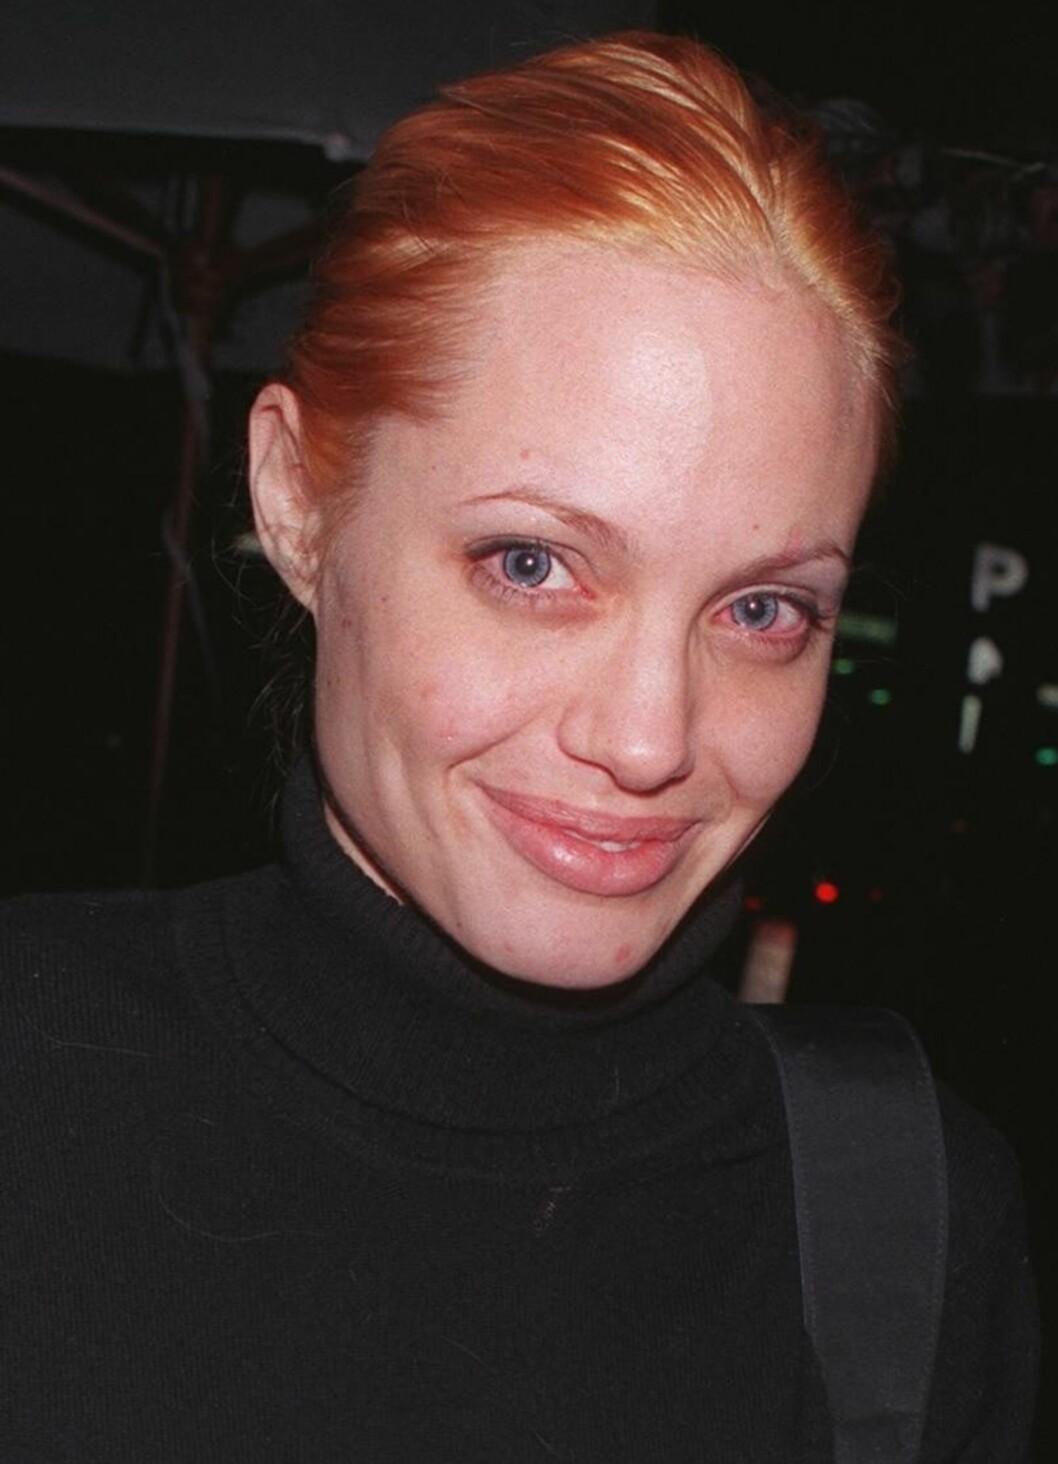 Ifølge ryktene er Angelina Jolie naturlig blond. Men denne korte perioden med gusjefarget, oransje hår er kanskje ikke noe hun lengter tilbake til.  Foto: All Over Press